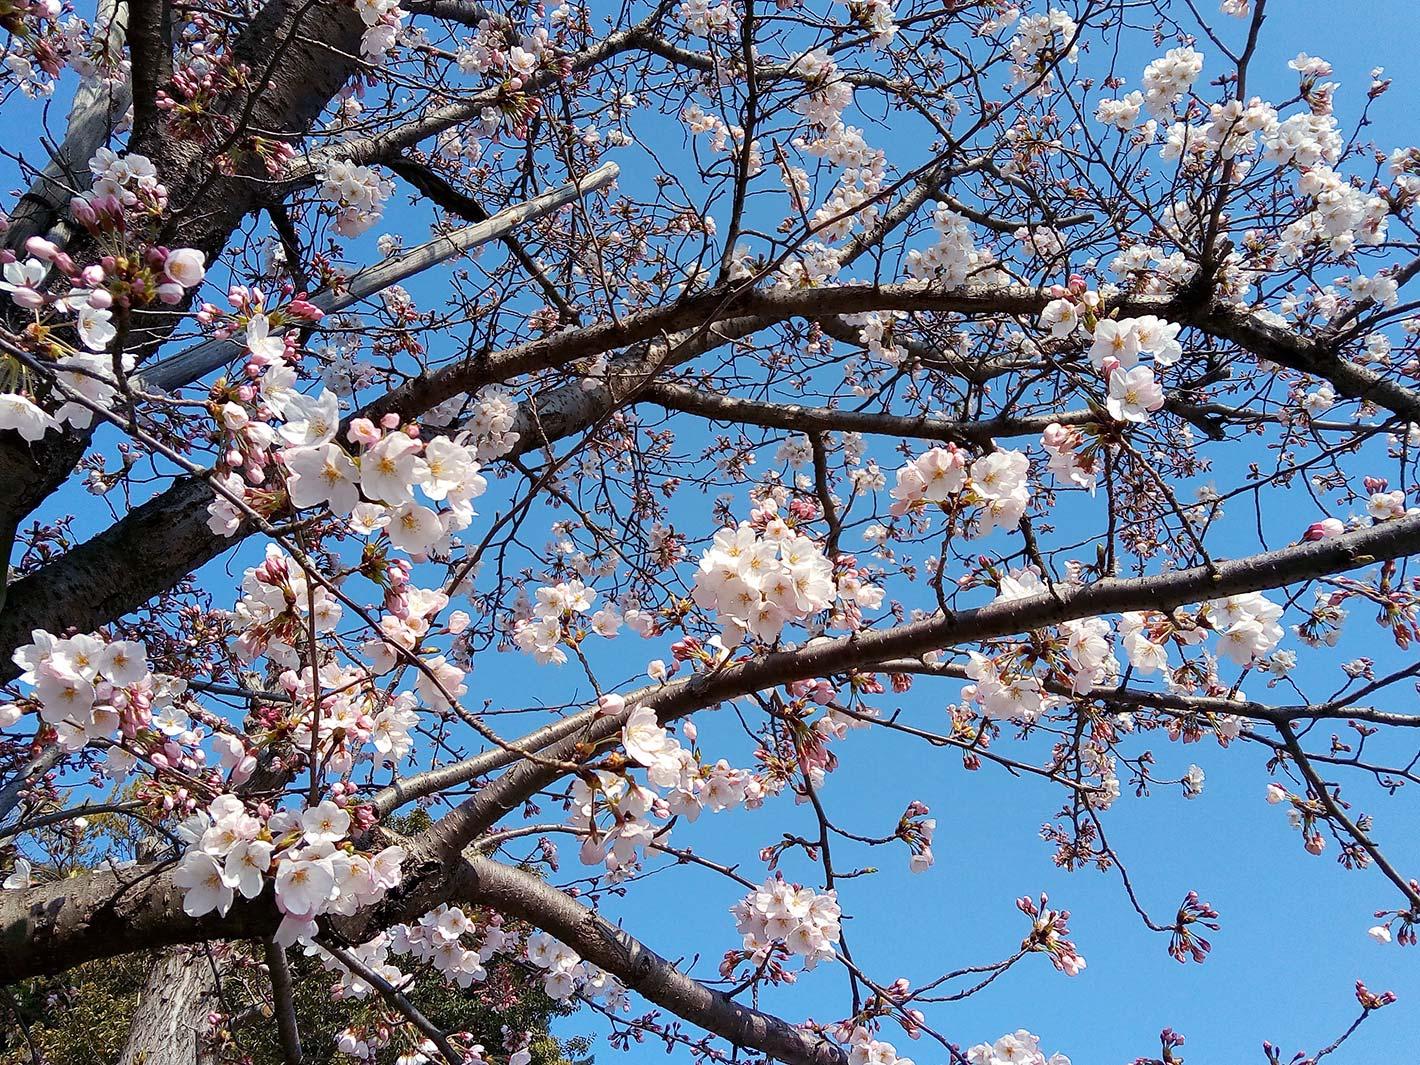 春の訪れ - 草木や花がモチーフのクロス